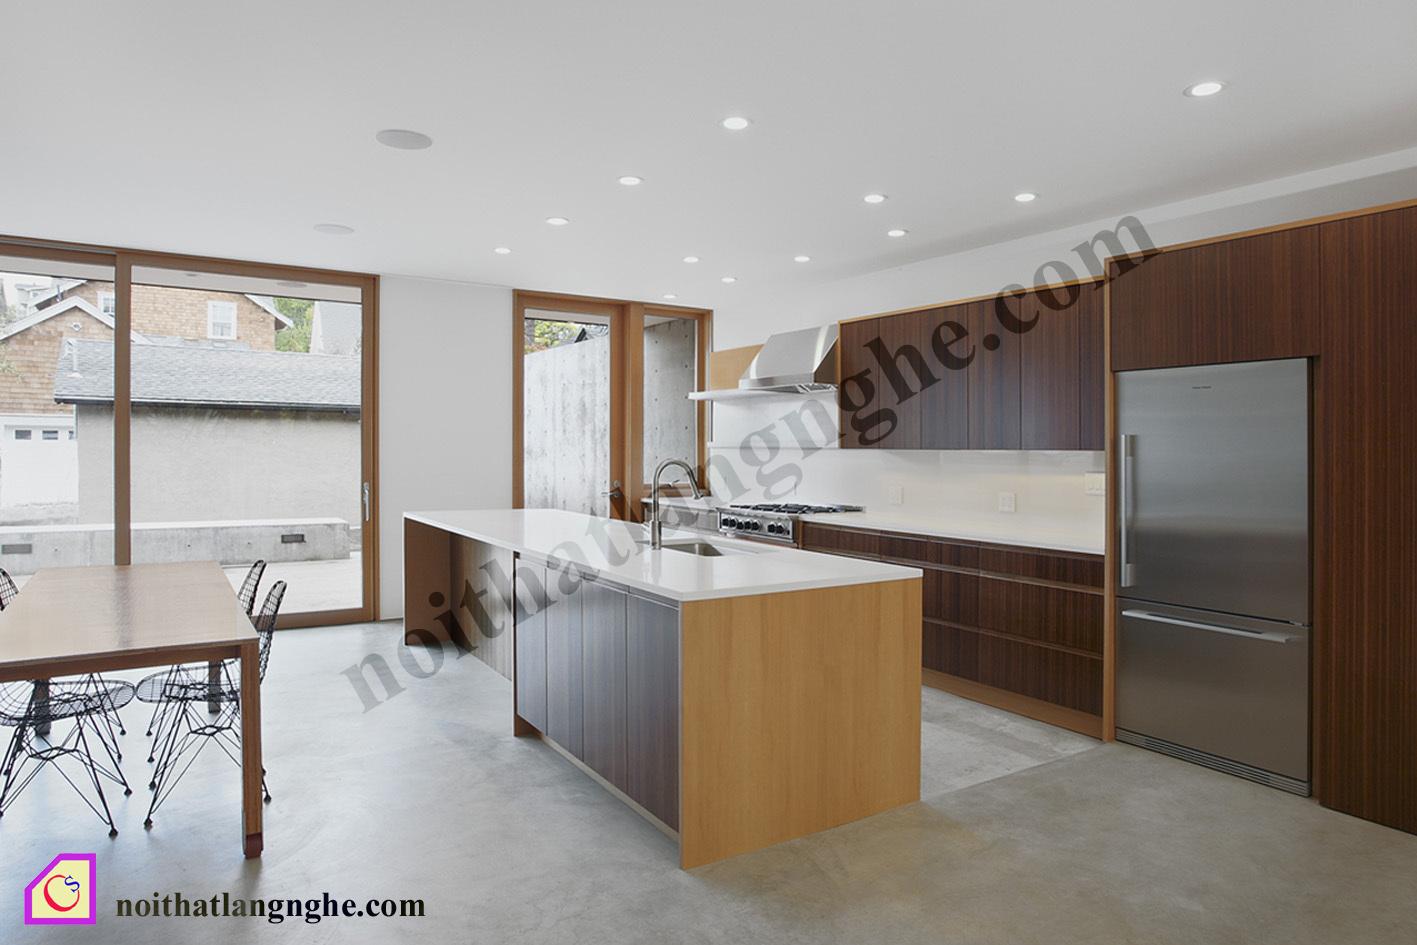 Tủ bếp Laminate có bàn đảo TBĐ_19